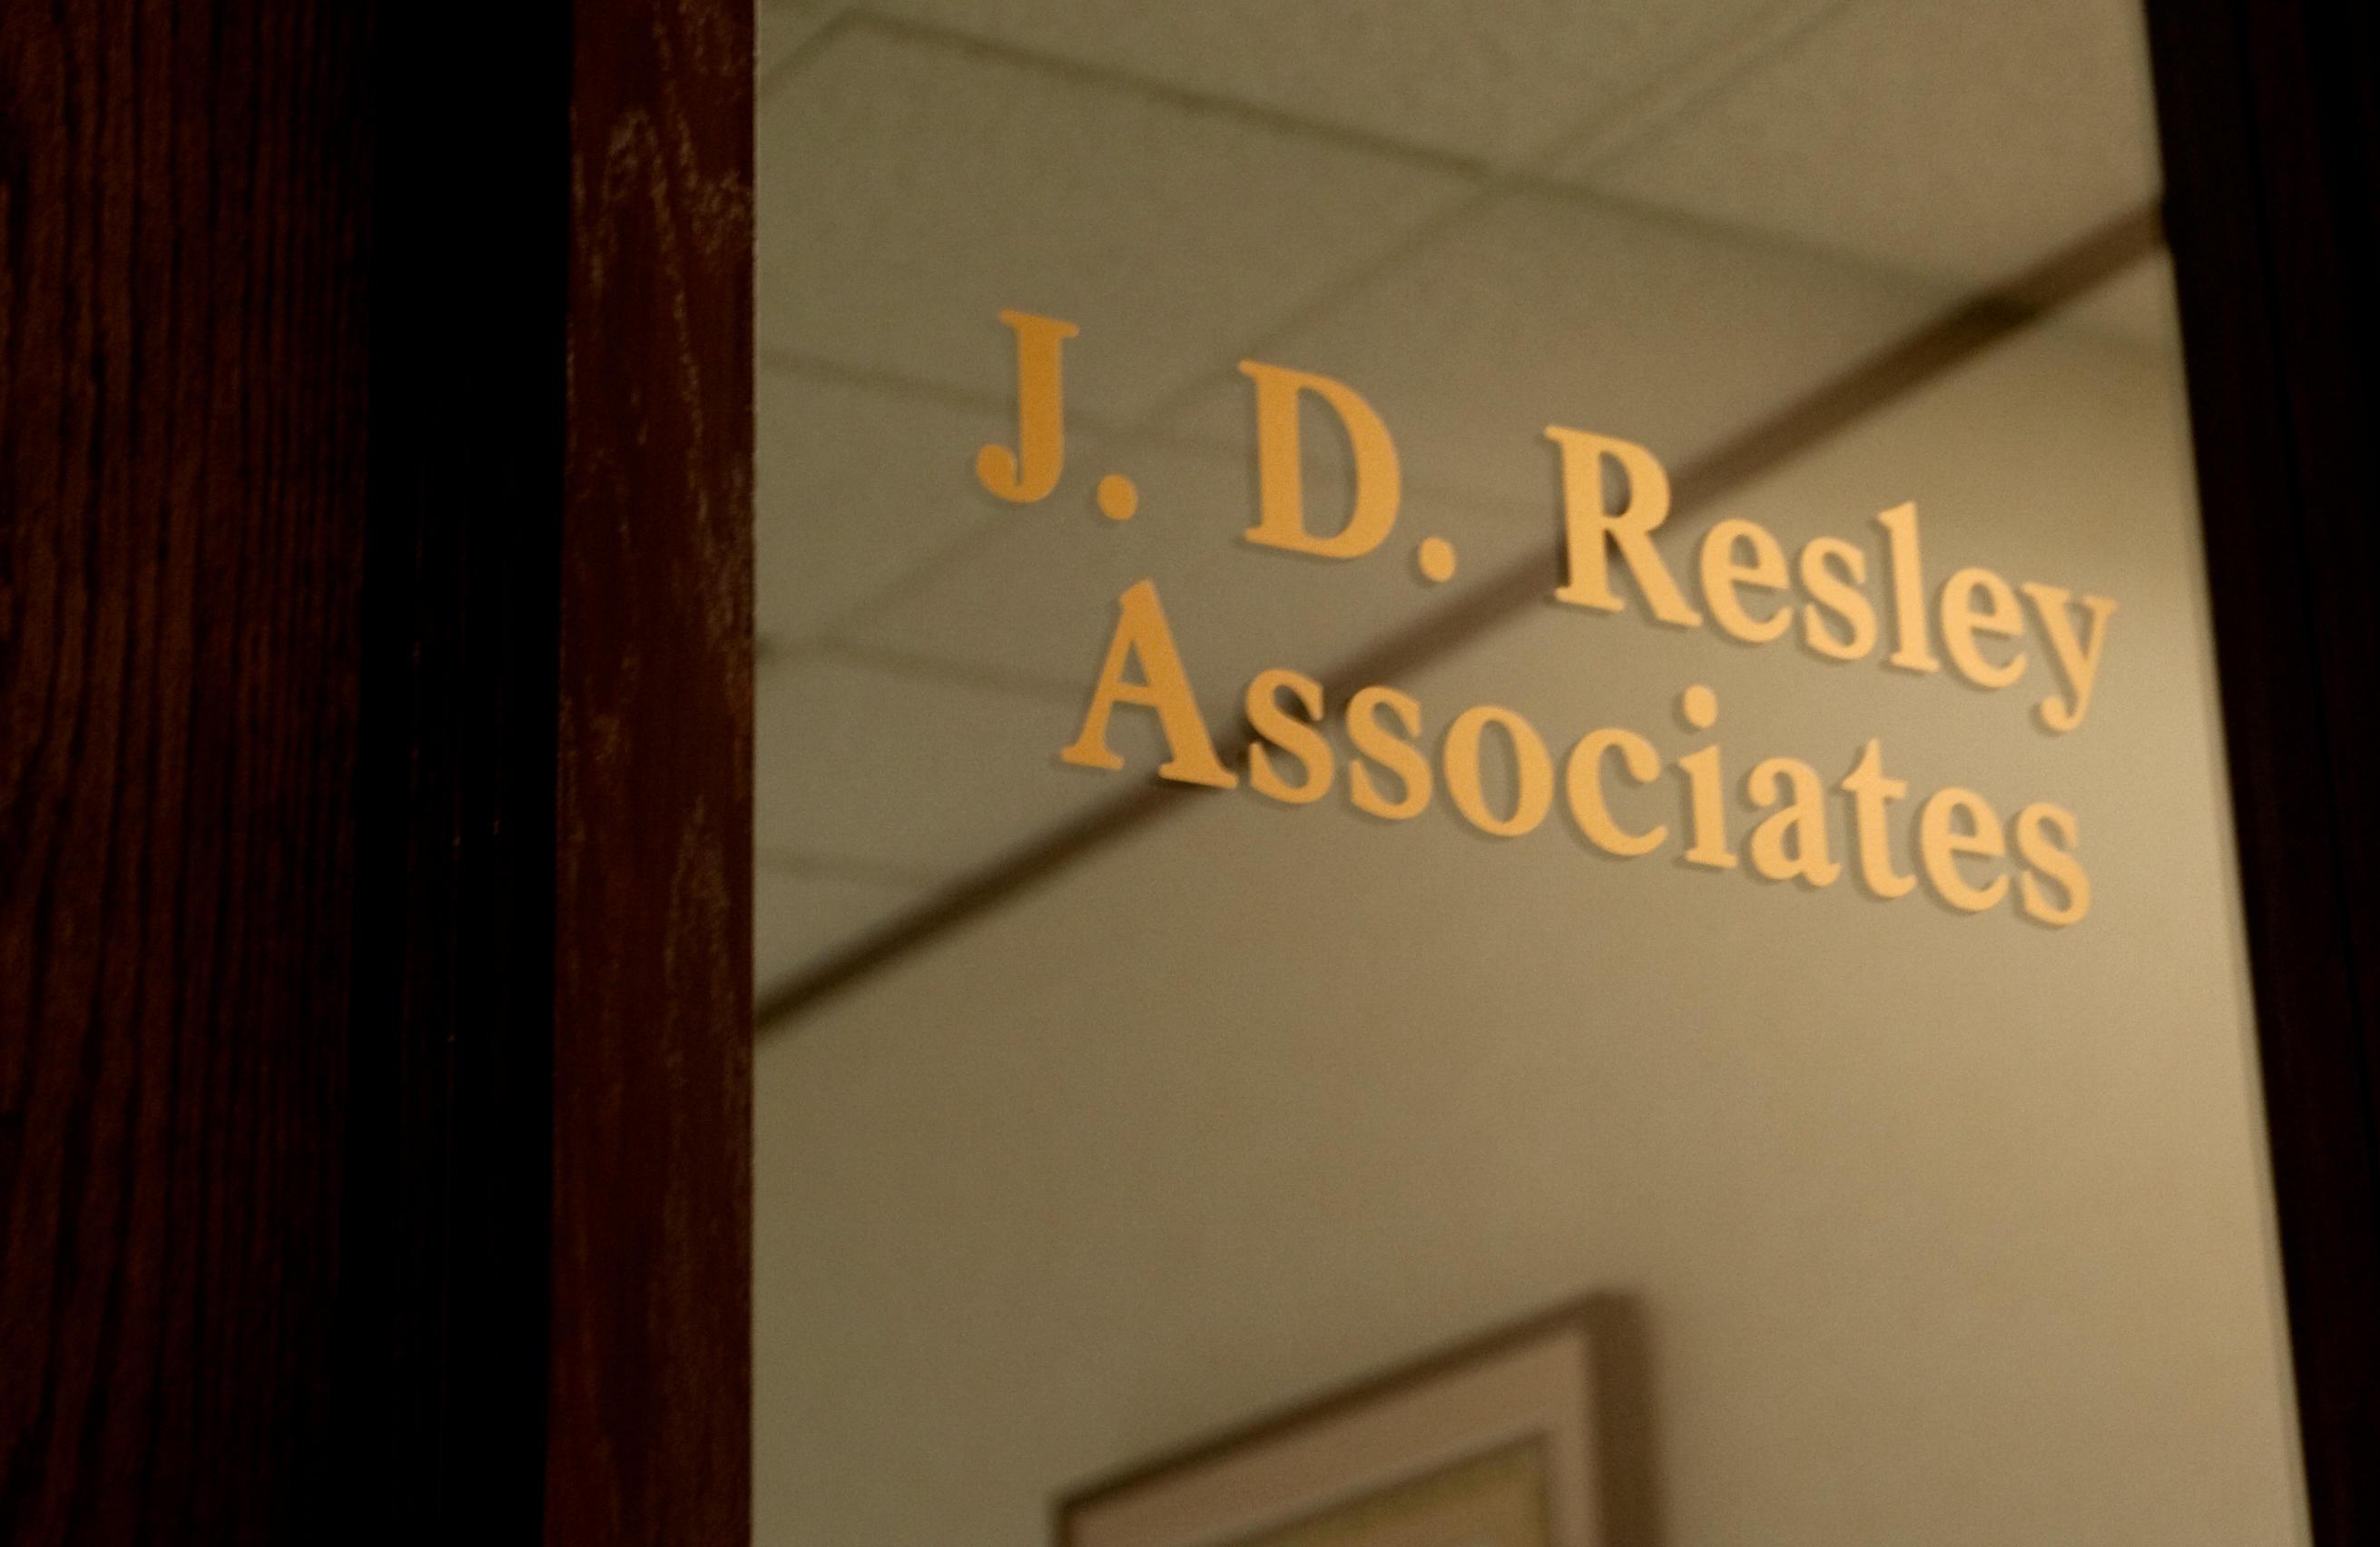 J.D. Resley Associates, Inc.